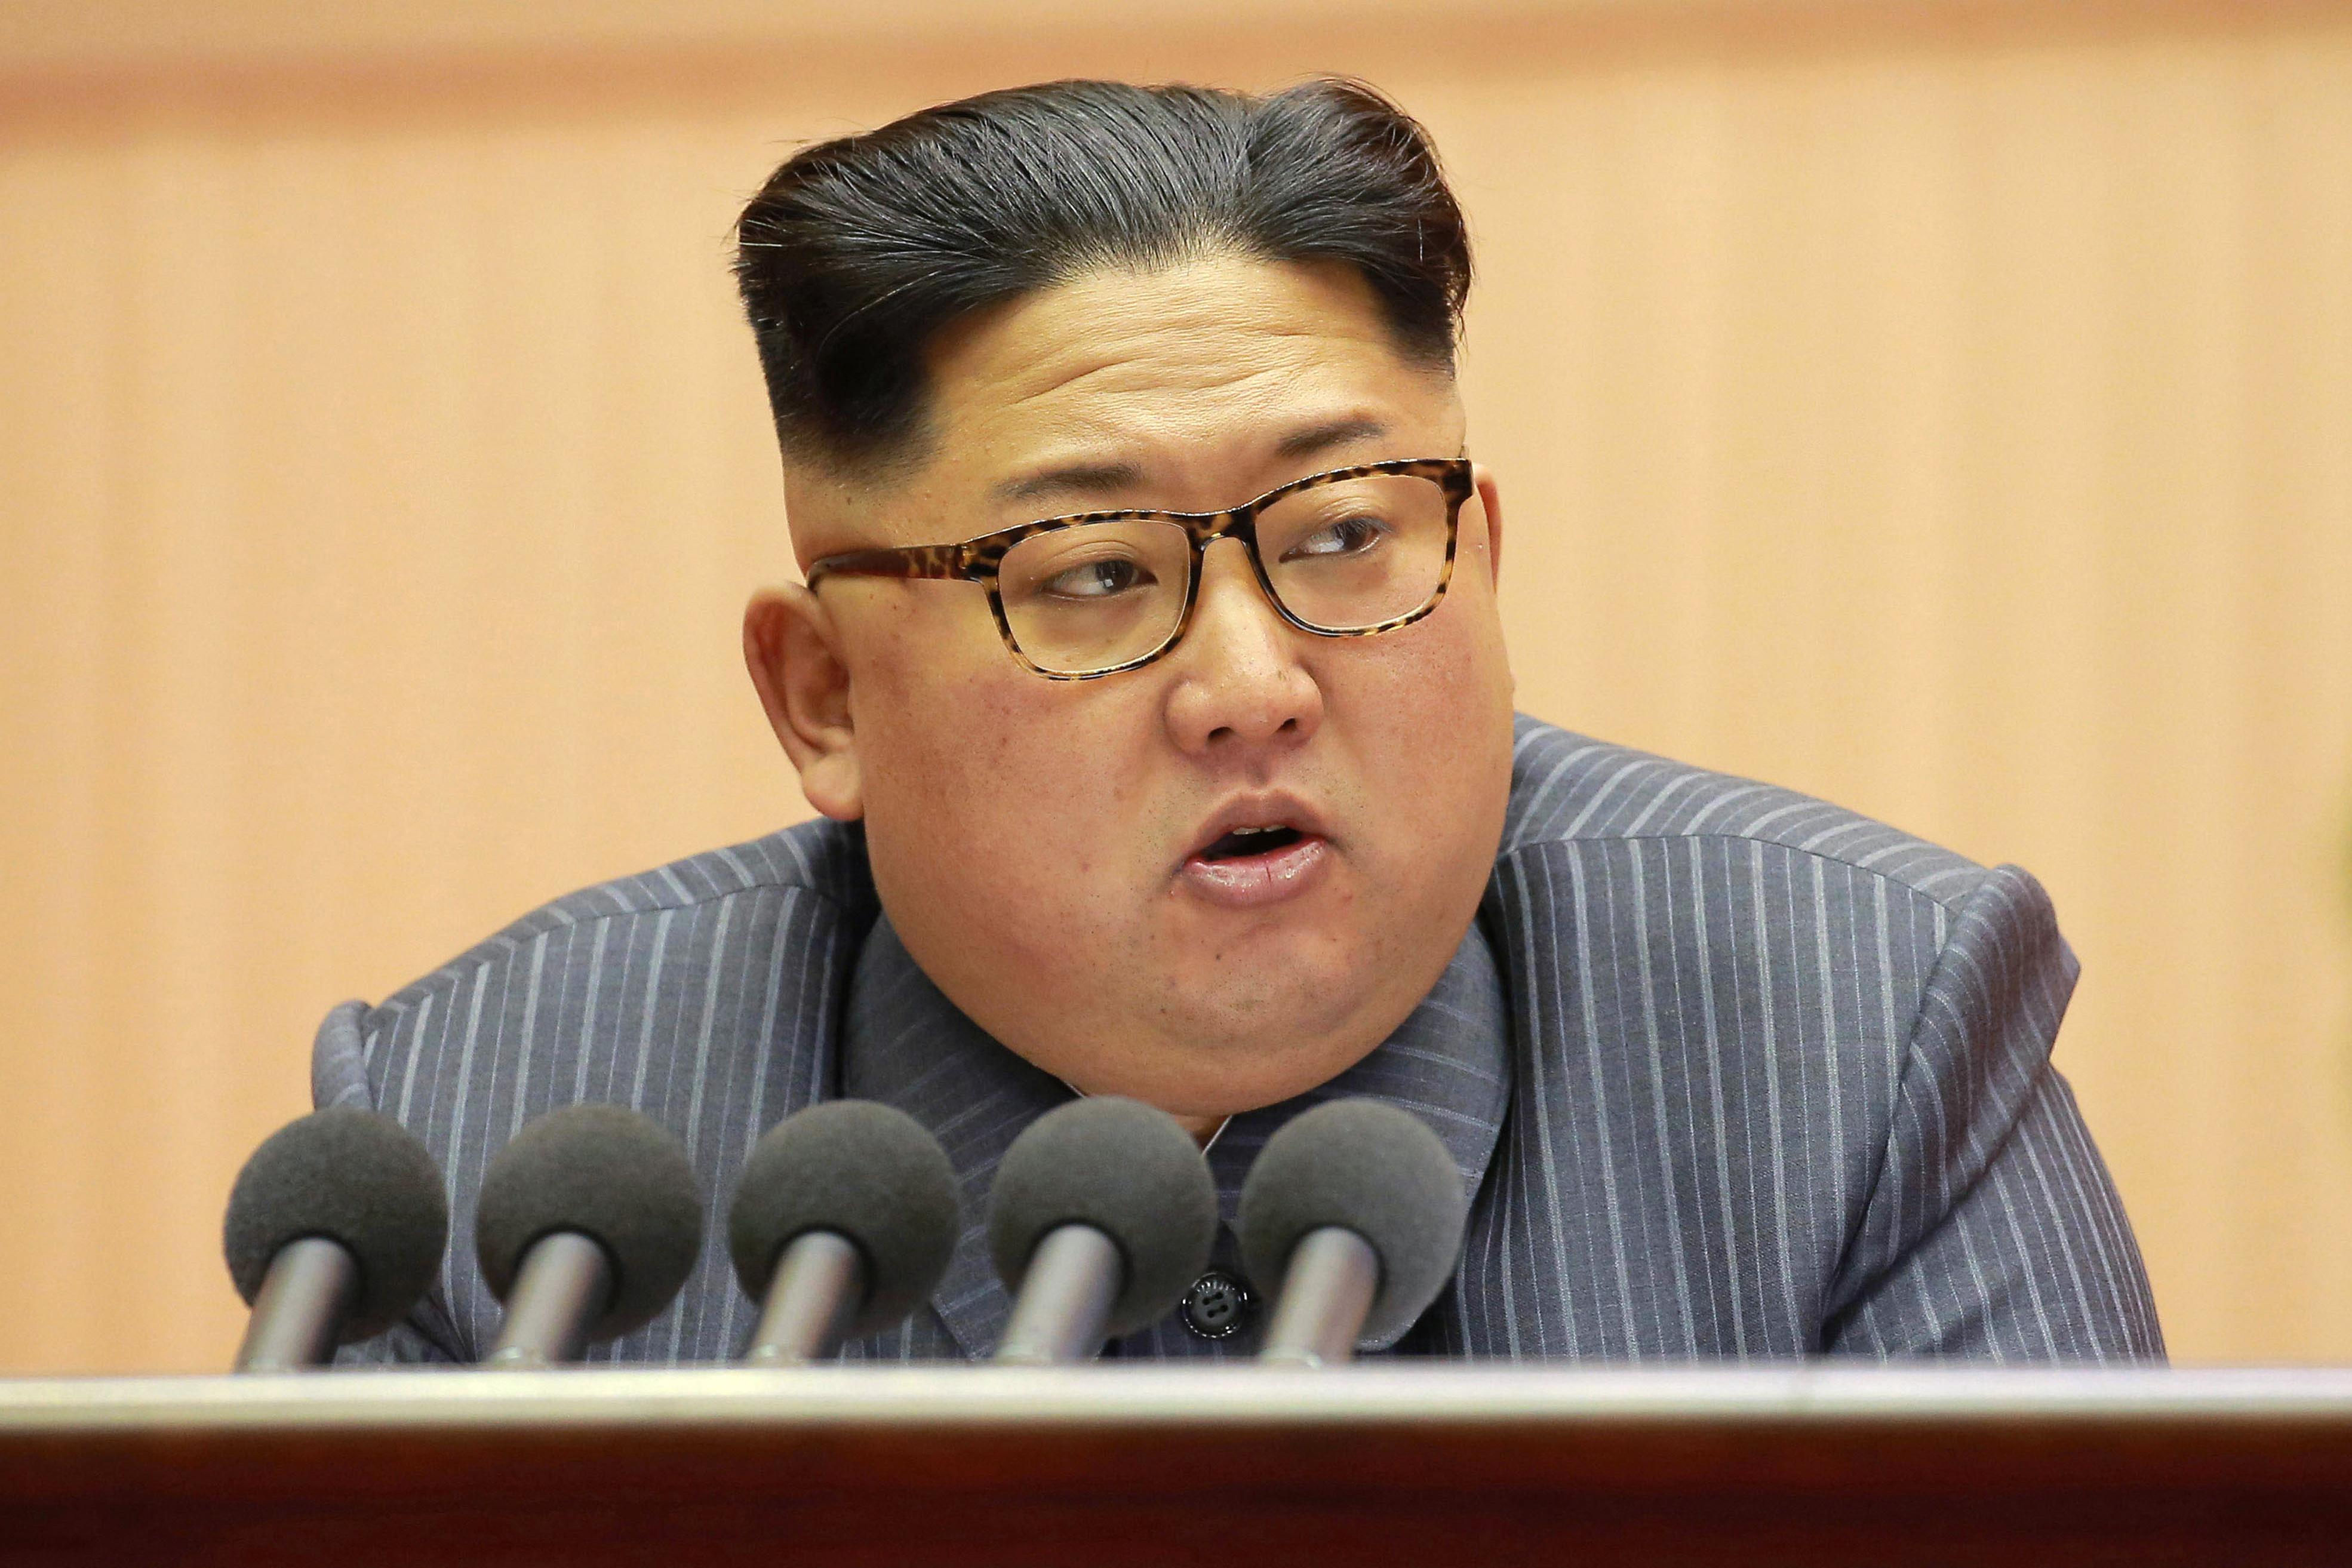 Papíron Oroszországnak hazudta magát Észak-Korea, hogy szénnel és fegyverekkel csencselhessen